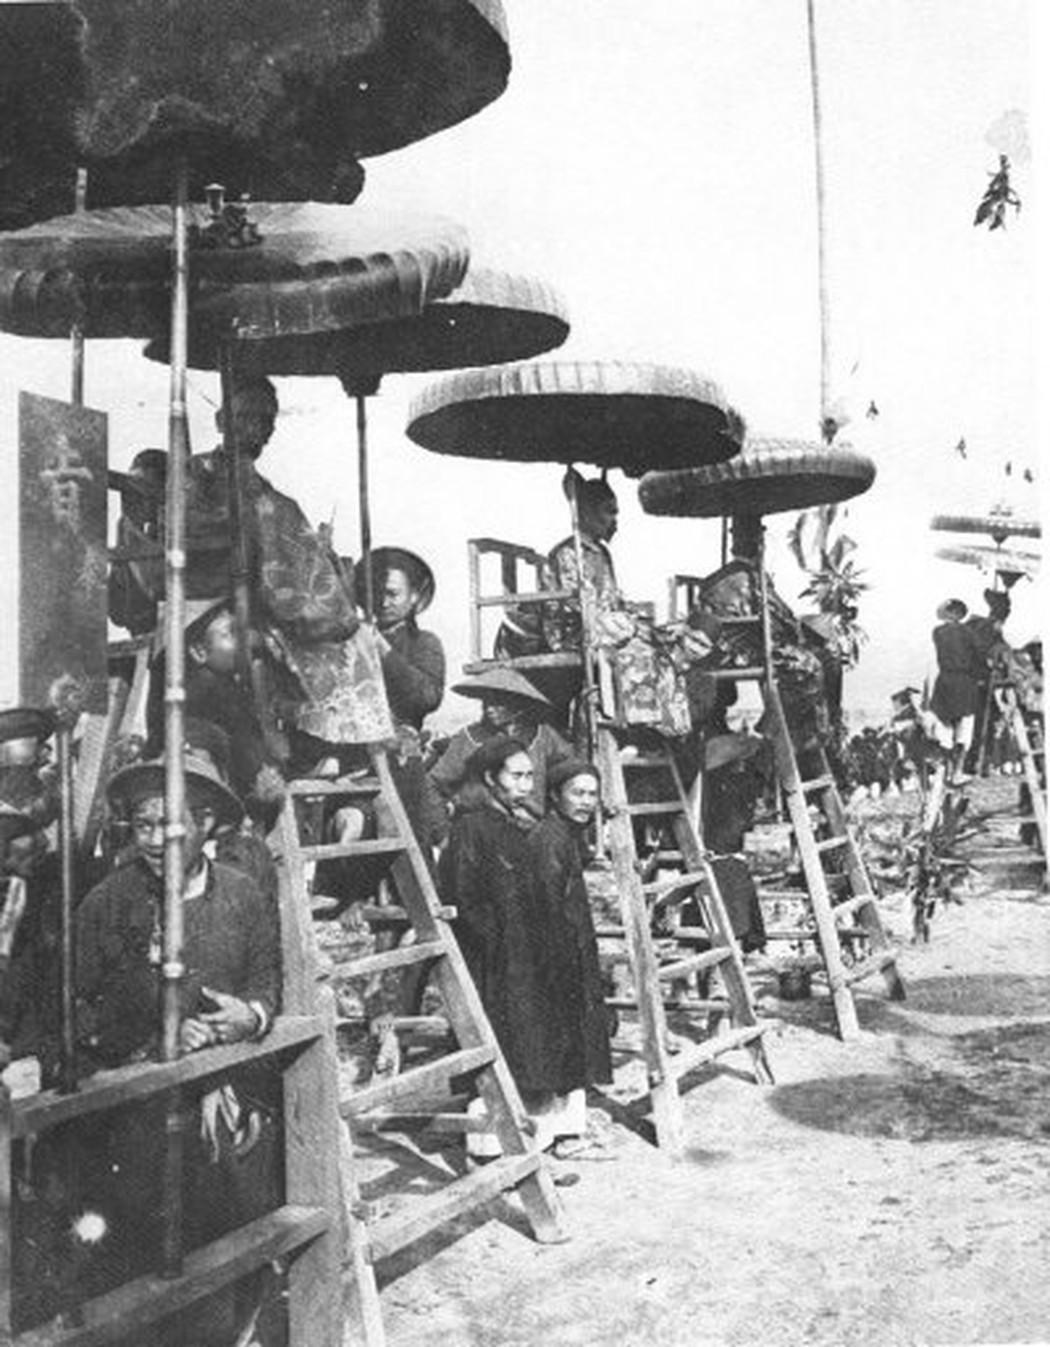 Các quan chủ khảo đang quan sát các thí sinh làm bài. Ảnh chụp tại trường thi Nam Định năm 1897